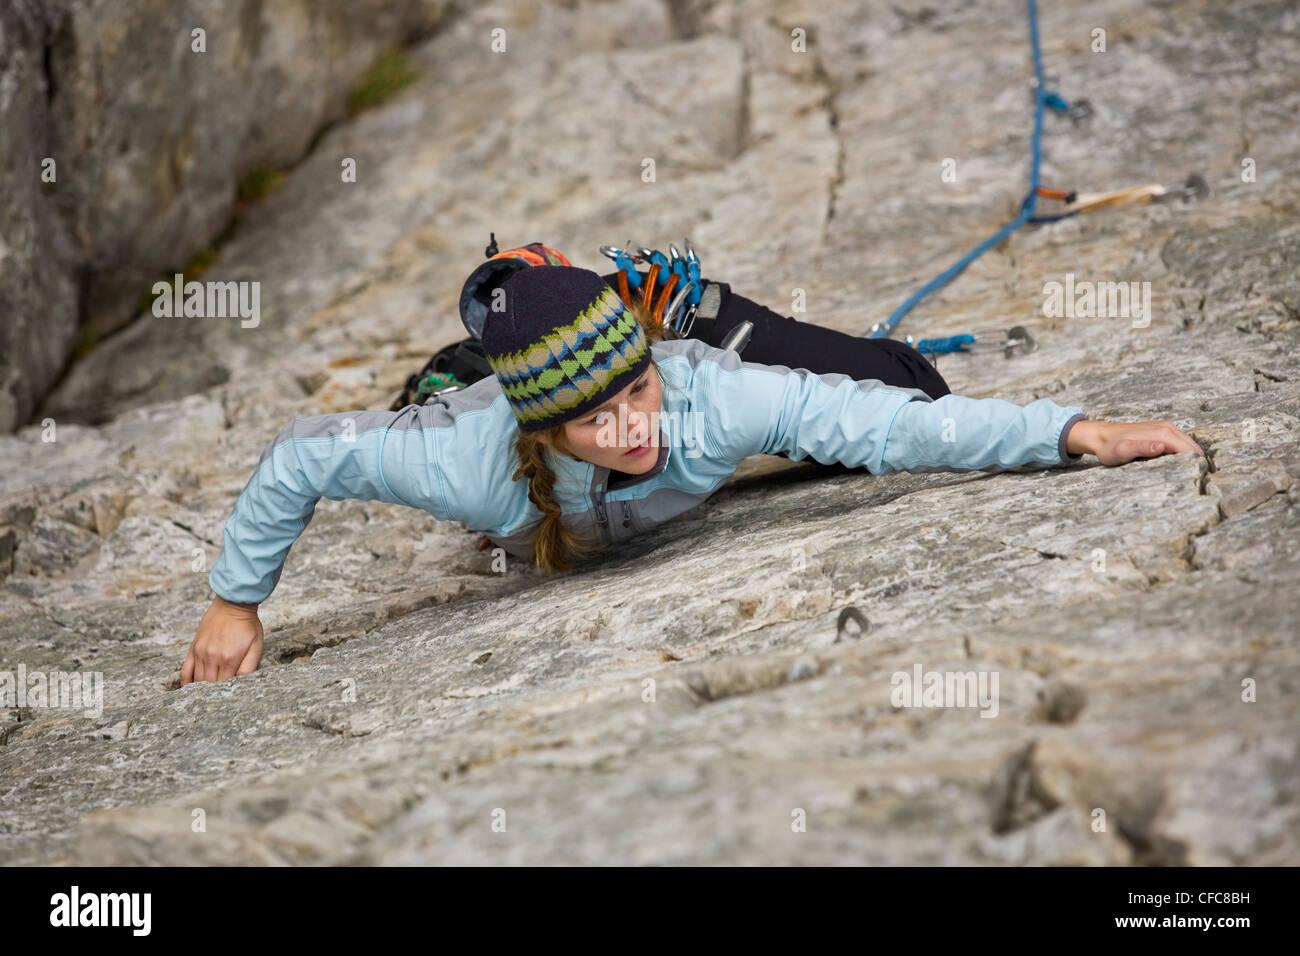 Eine junge Frau Klettern in Kamouraska, QC Stockbild